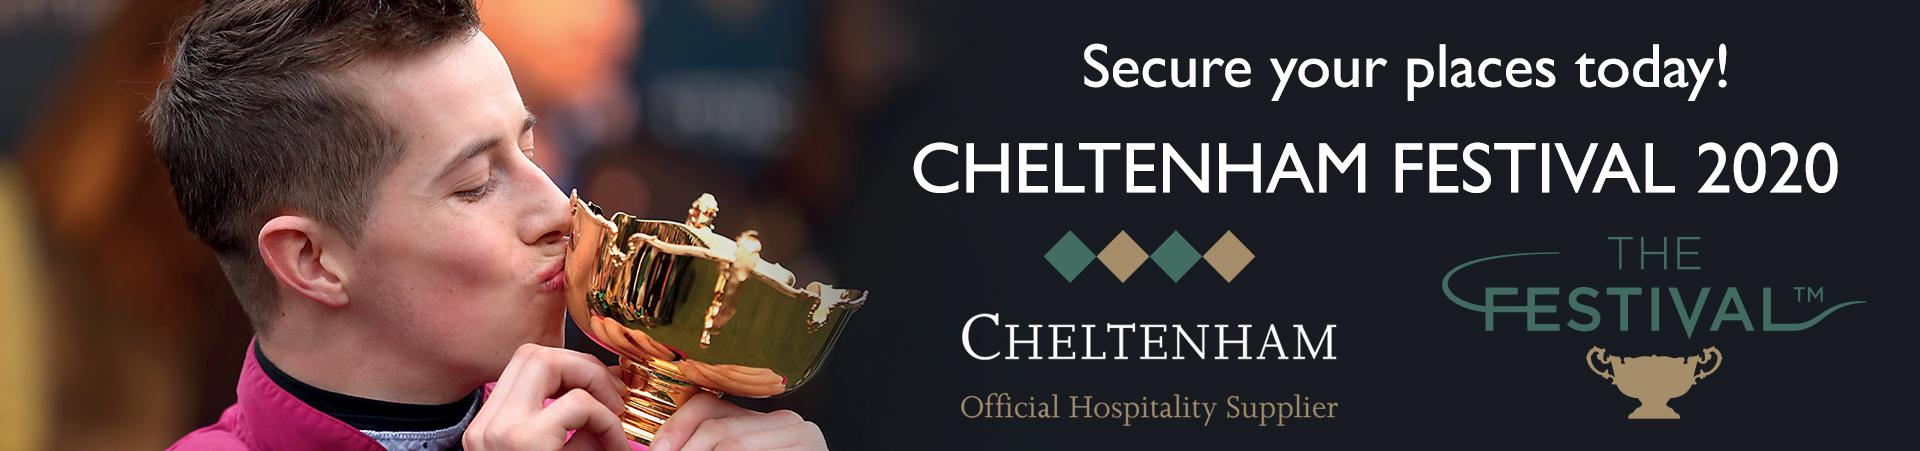 Cheltenham Festival Hospitality Packages 2020